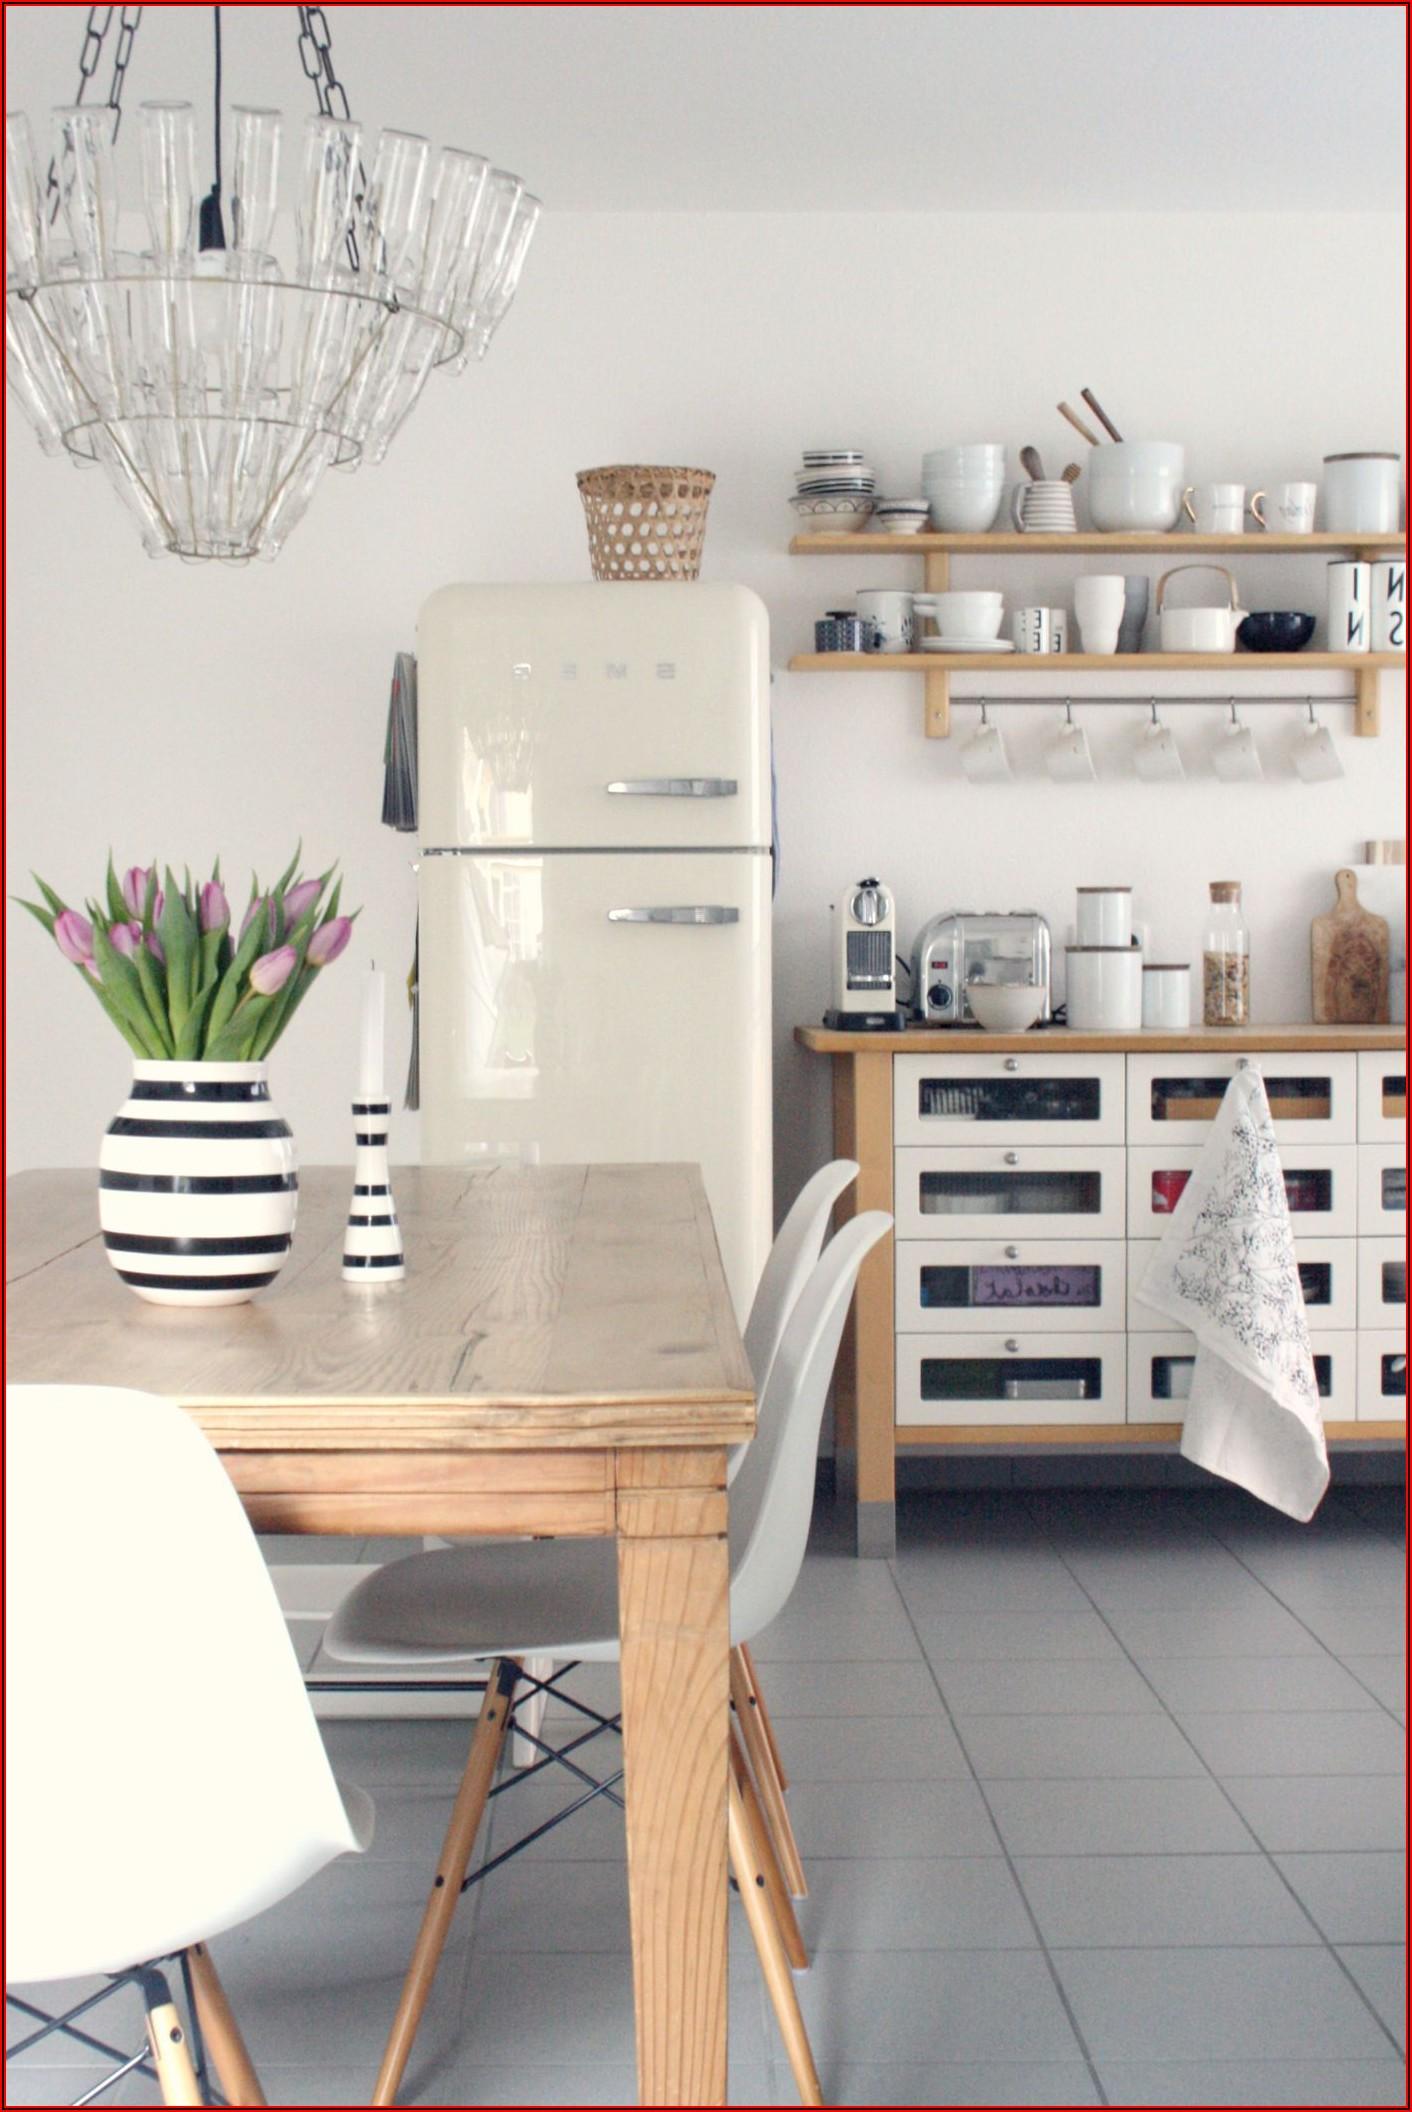 Kleine Küchen Bei Ikea